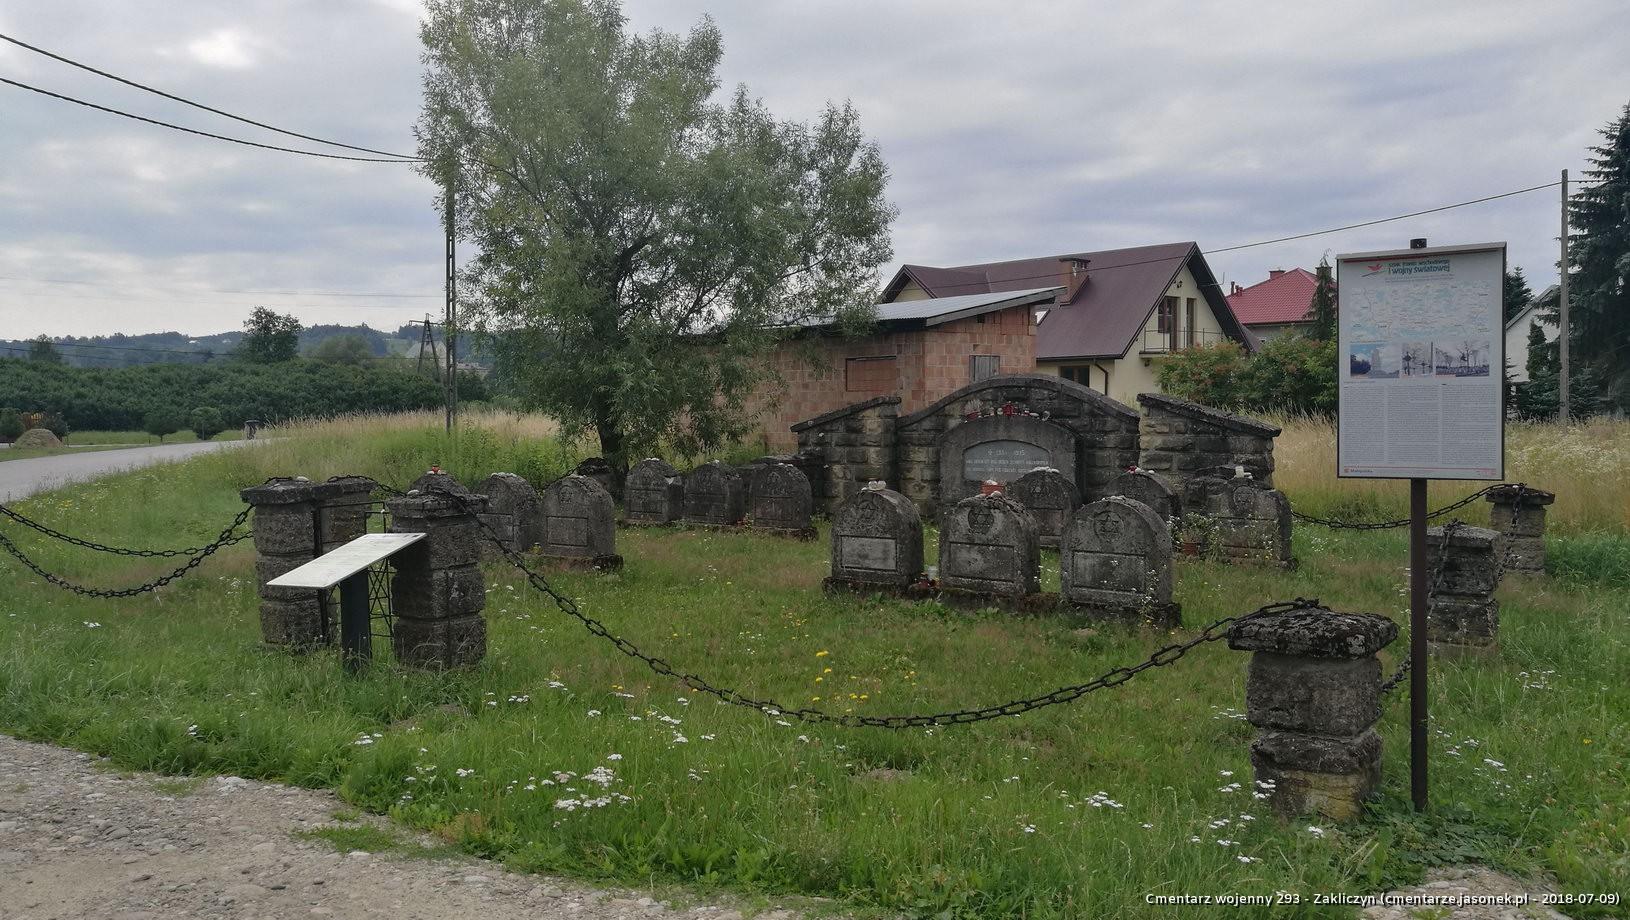 Cmentarz wojenny 293 - Zakliczyn